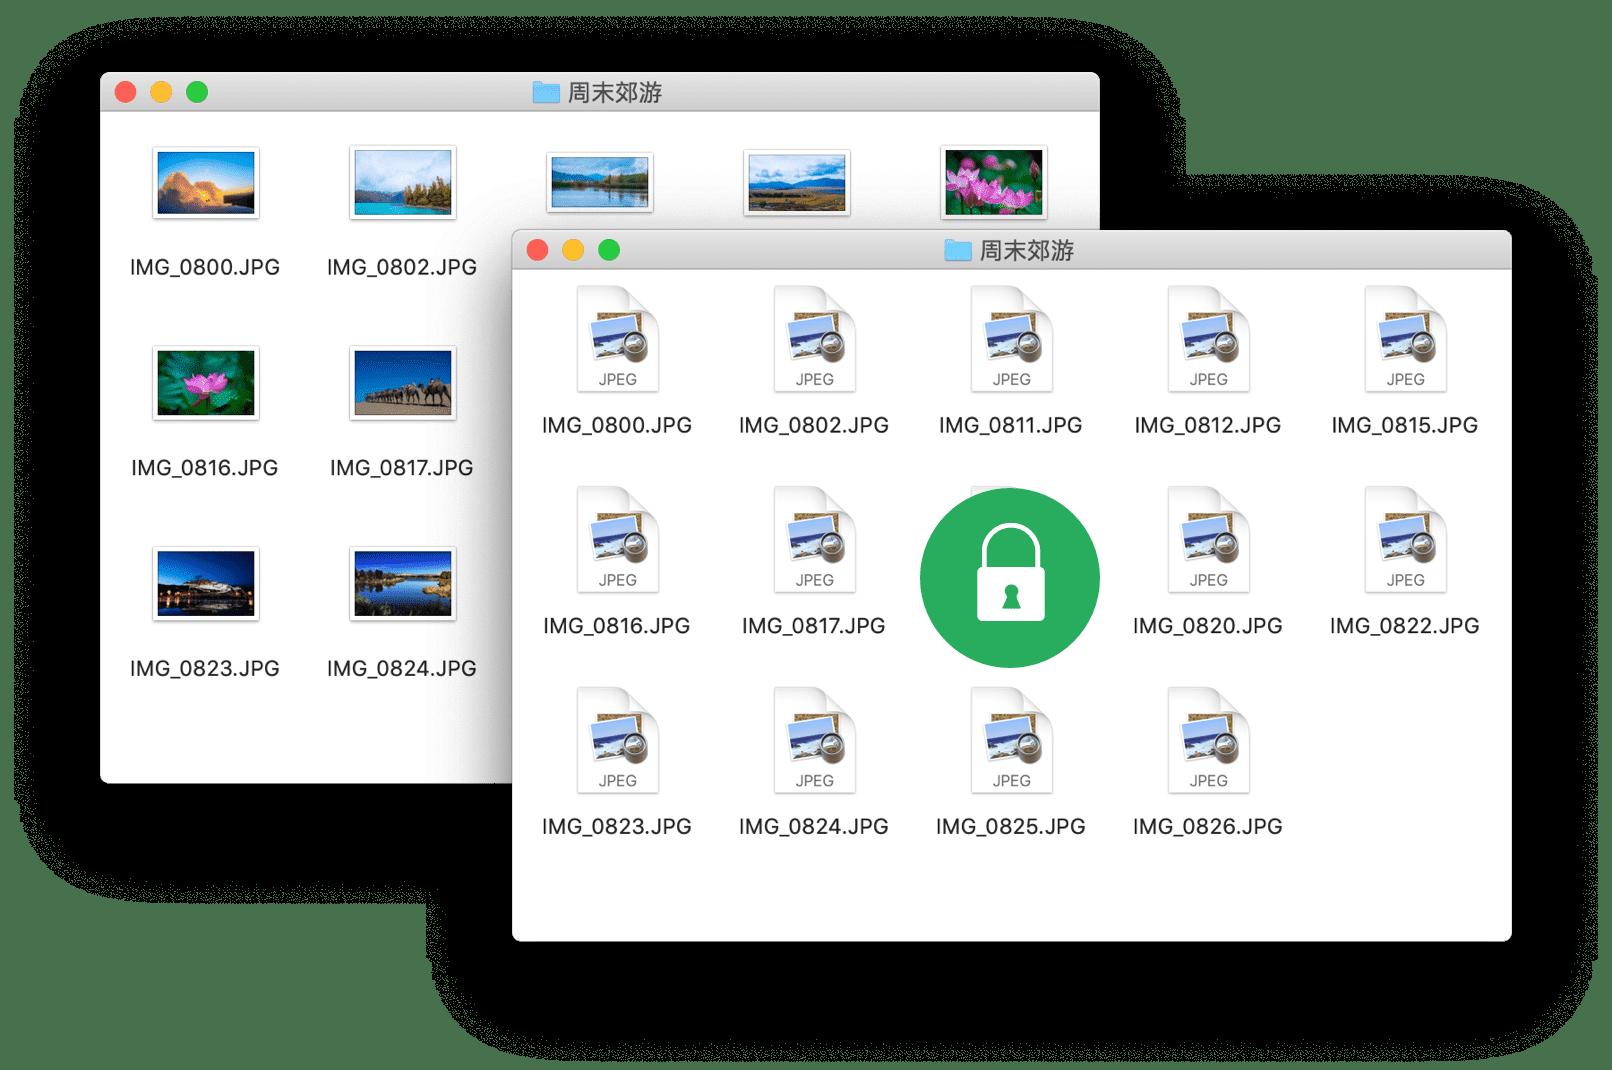 ezip 1.7.5中文版 专为macOS而设计的压缩软件!插图(8)